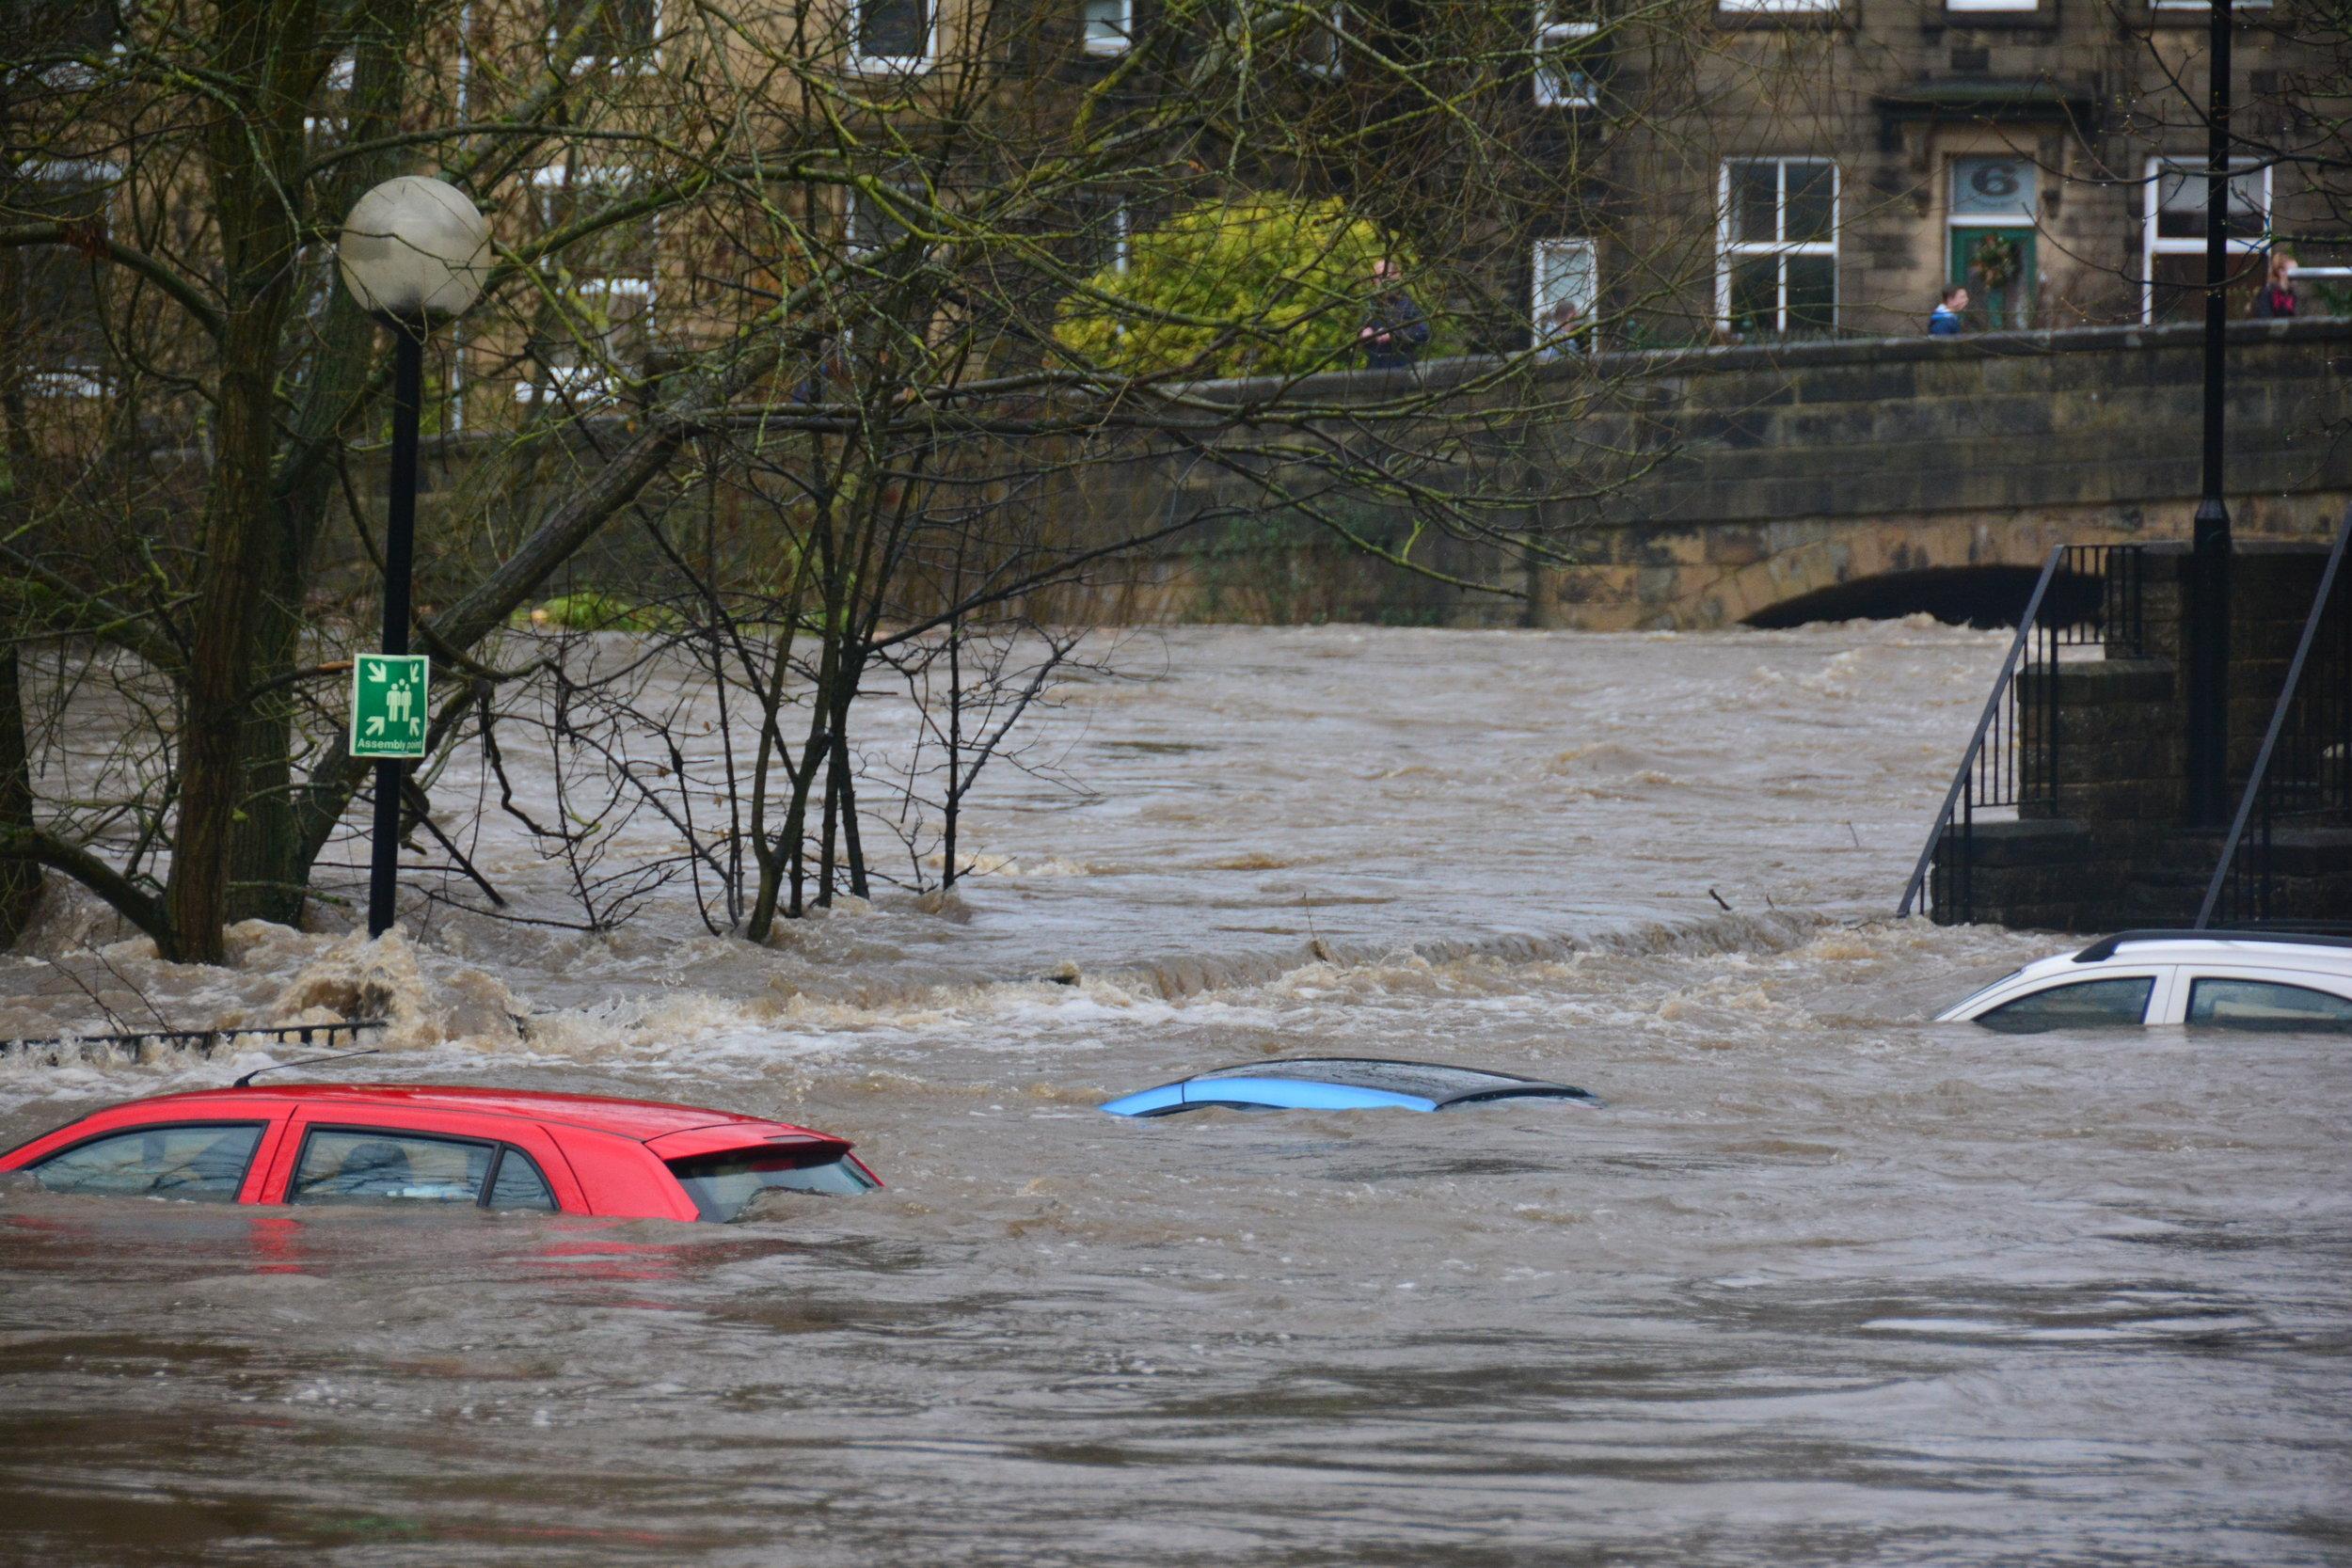 Flood_damage_to_vehicles